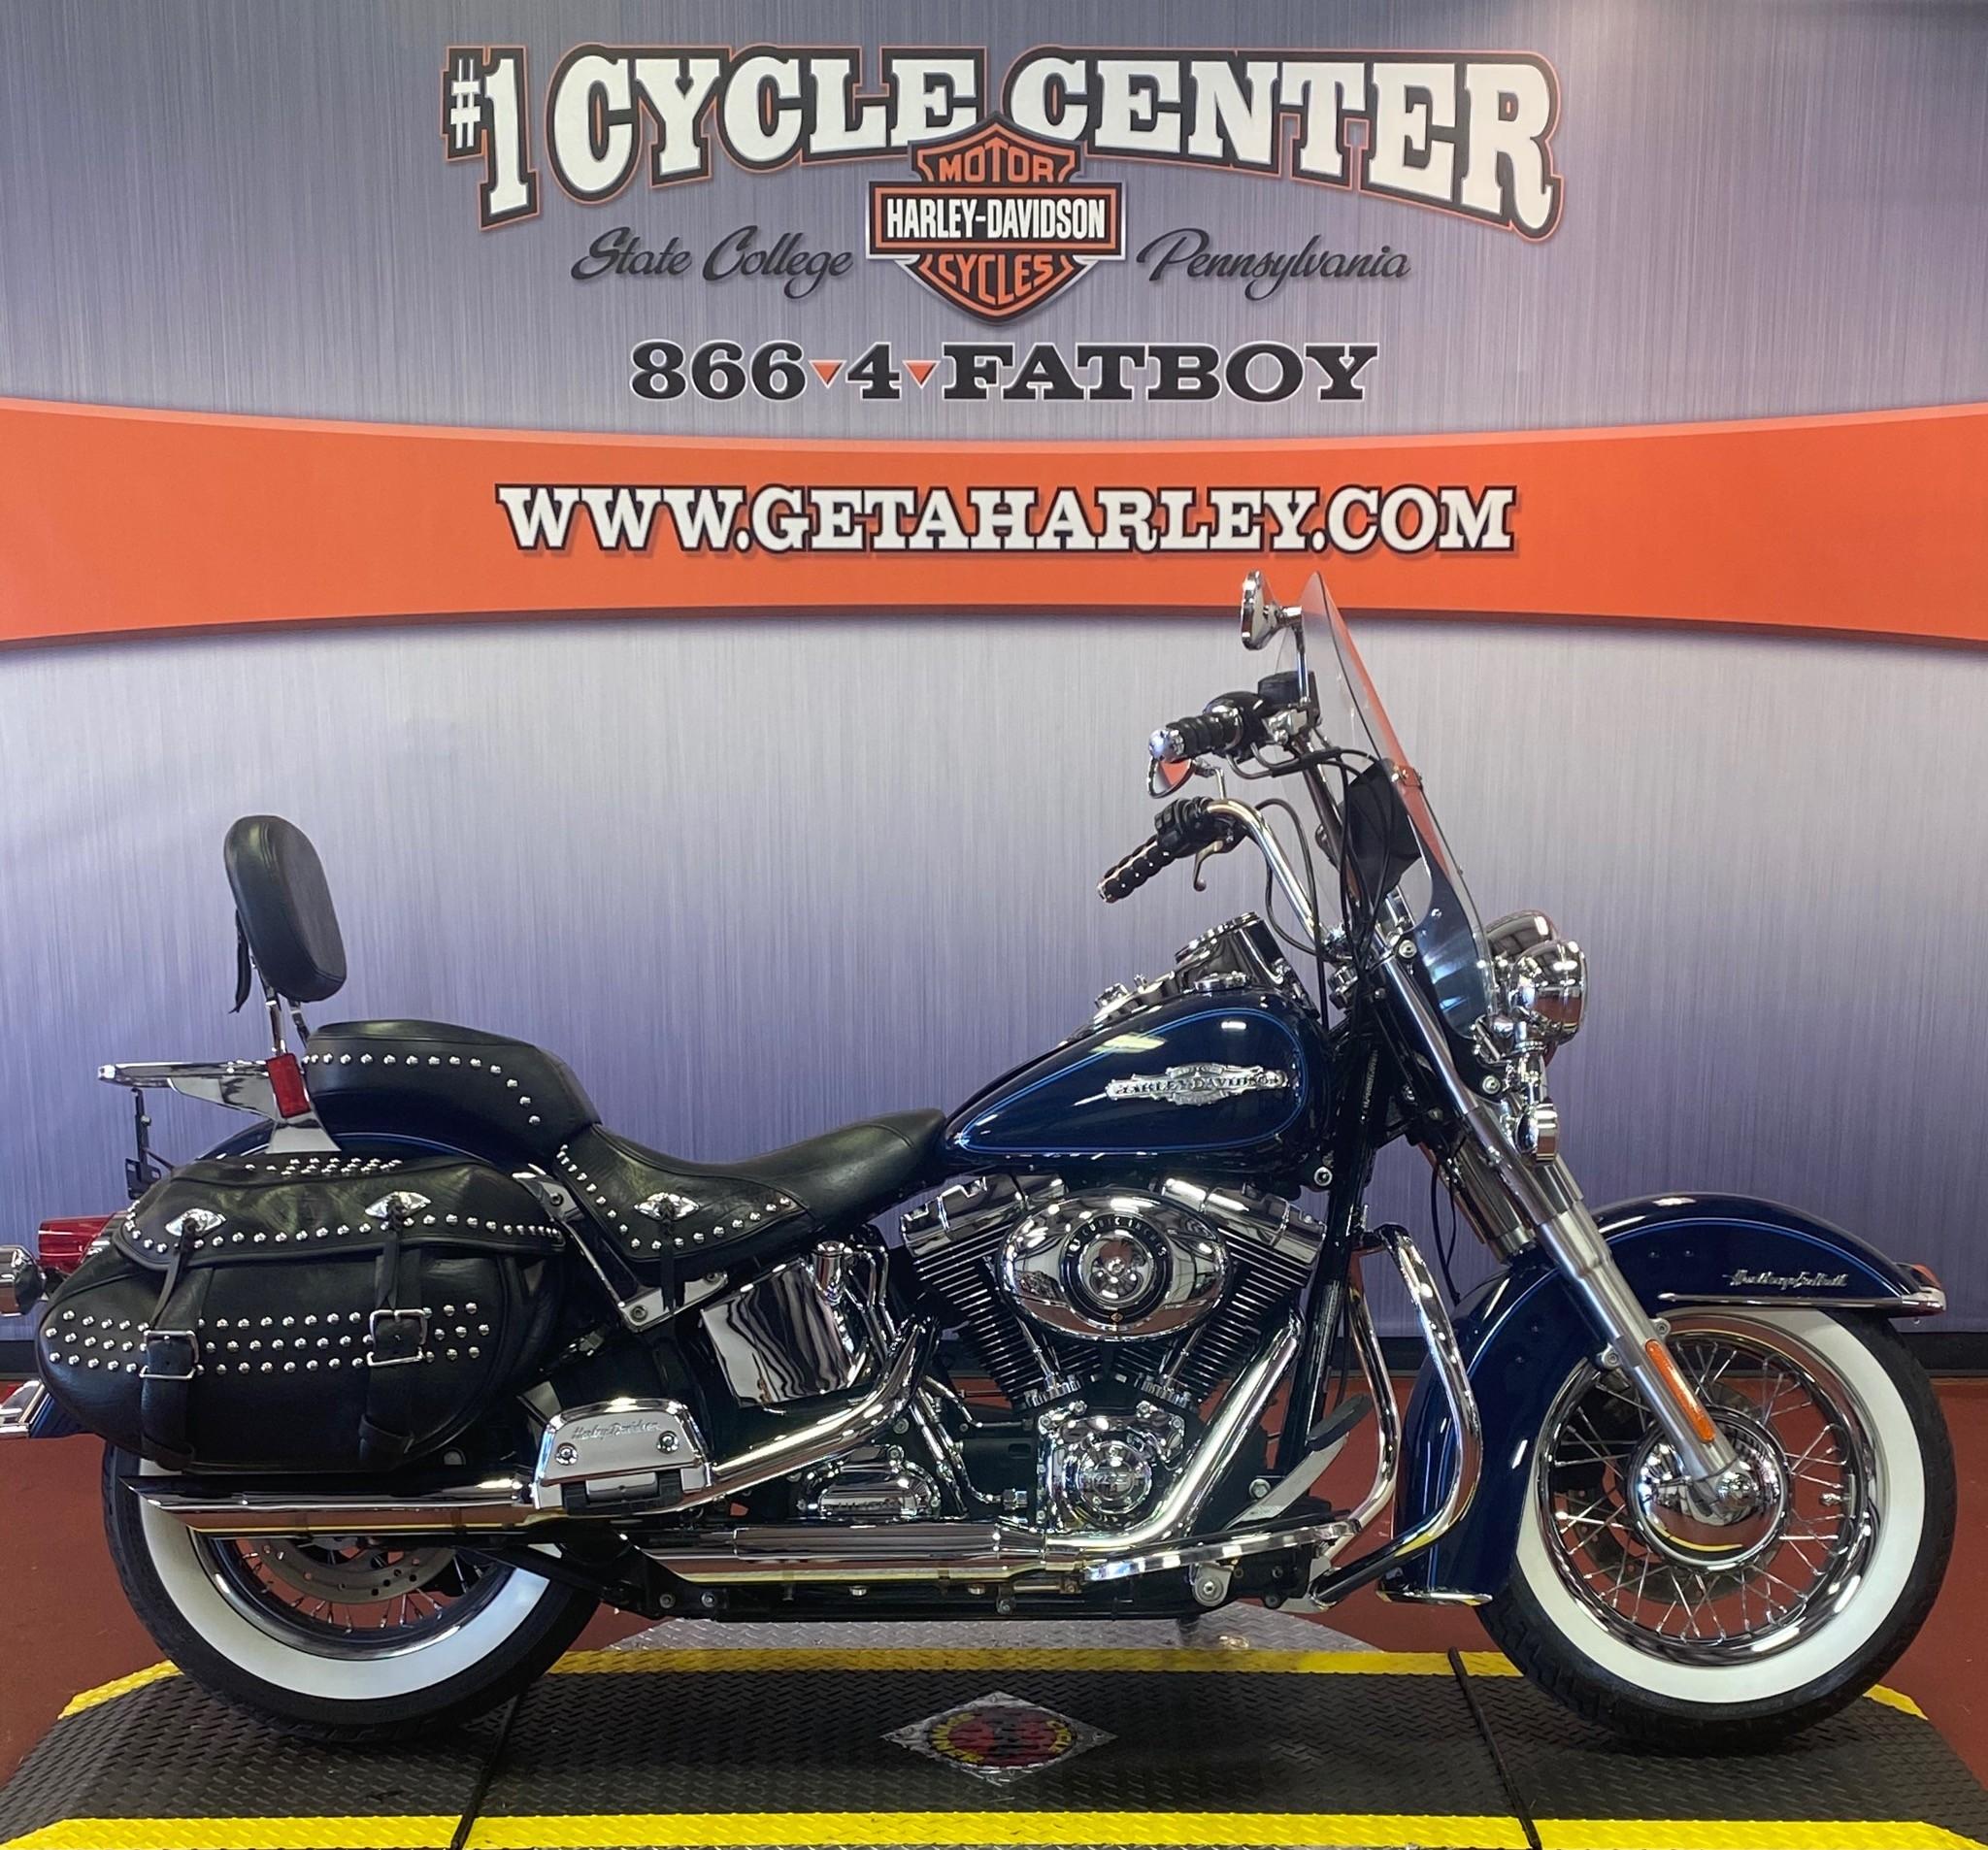 2013 Harley-Davidson FLSTC103 SHRINE at #1 Cycle Center Harley-Davidson